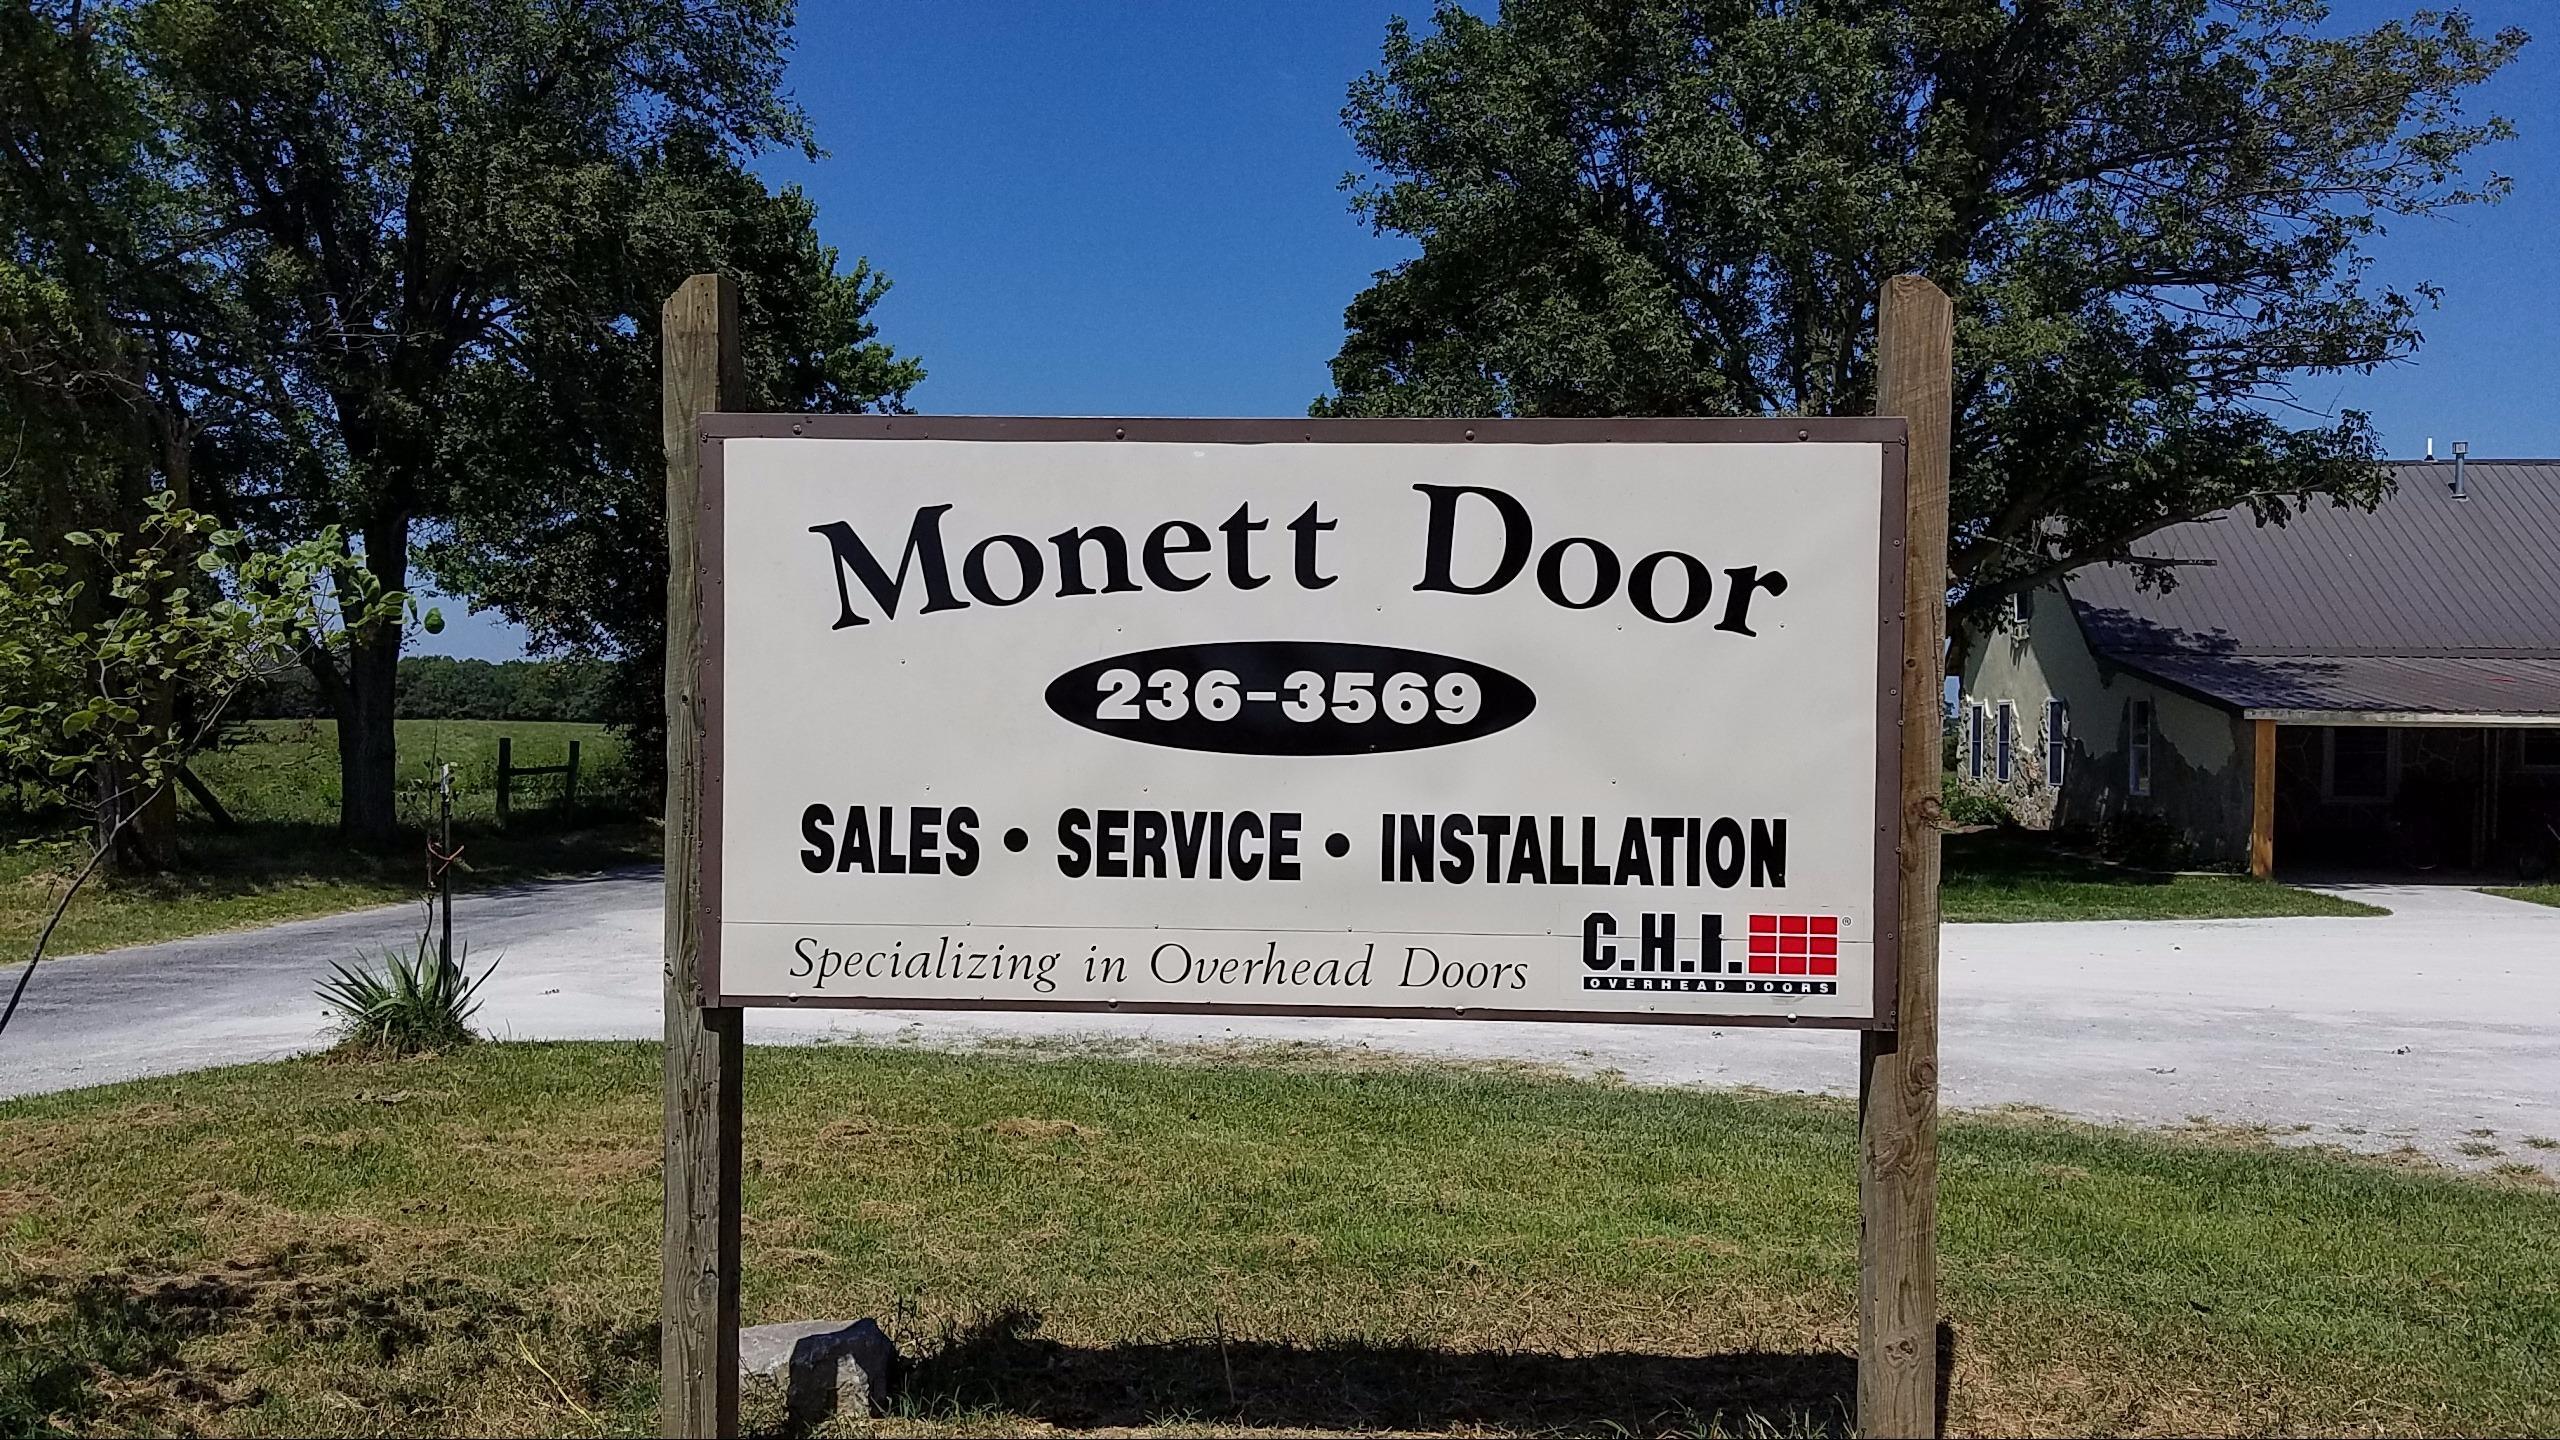 Monett Door image 1